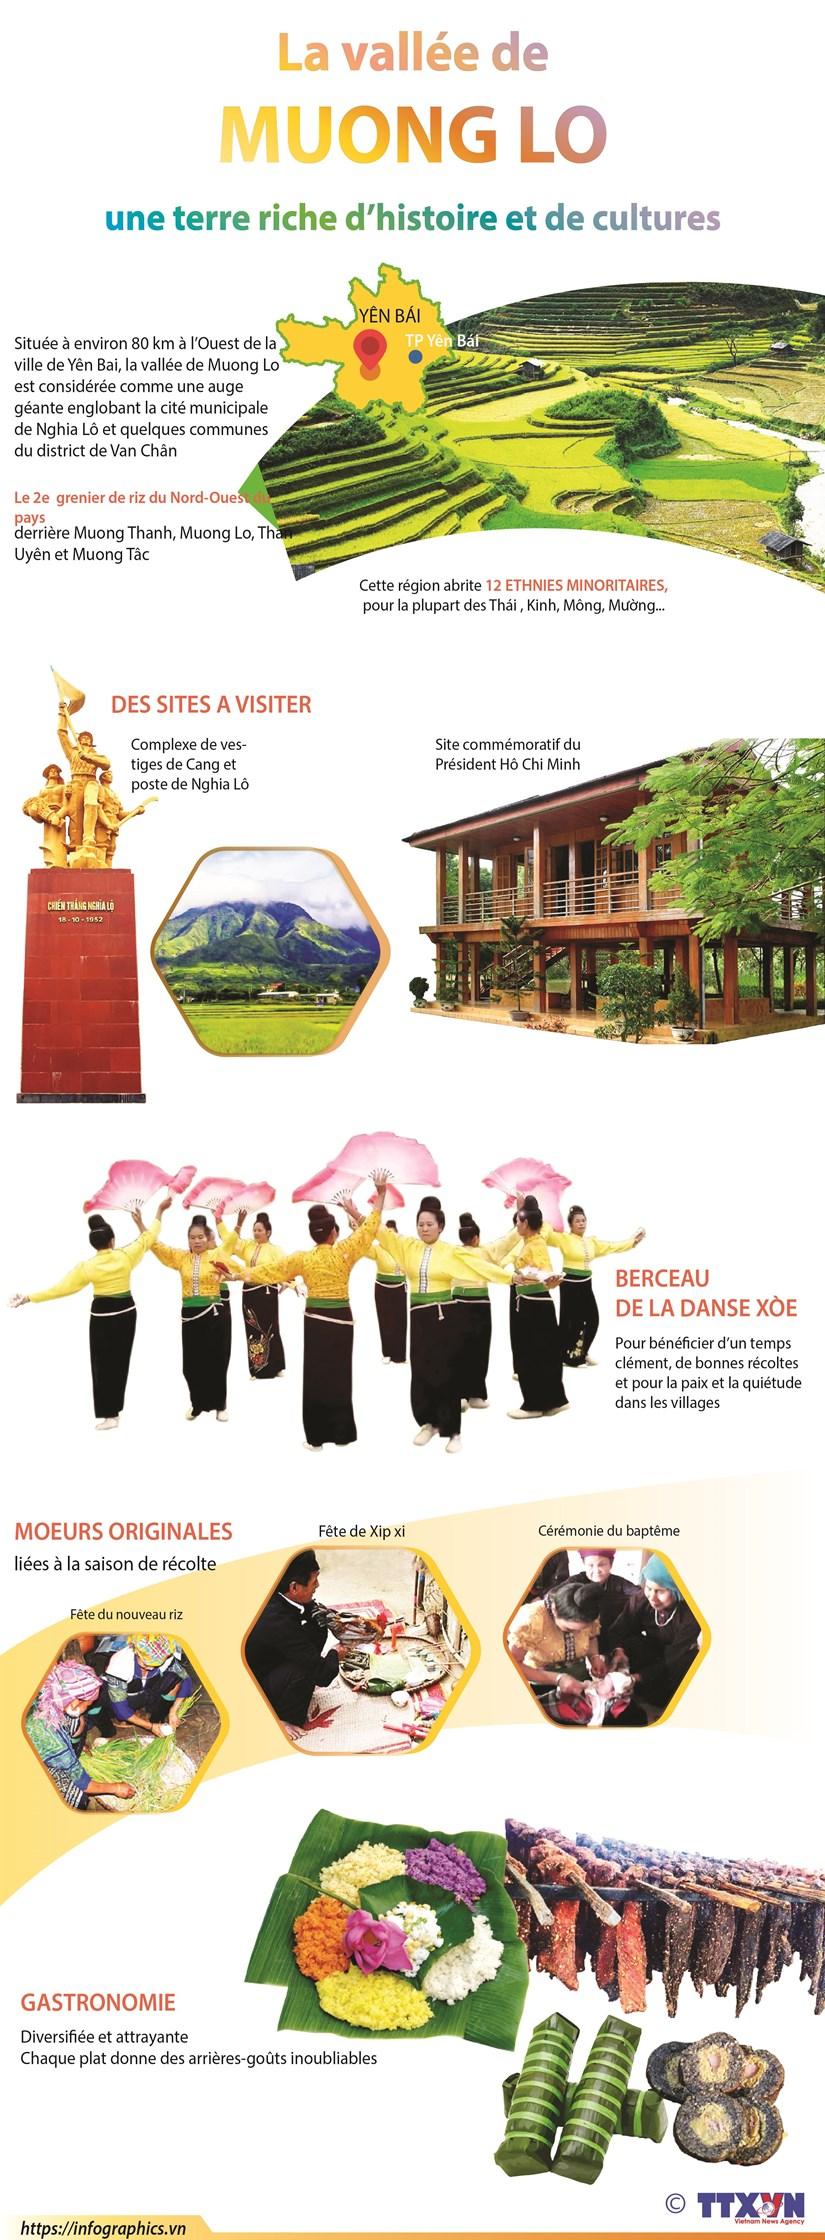 La vallee de Muong Lo, une terre riche d'histoire et de cultures hinh anh 1